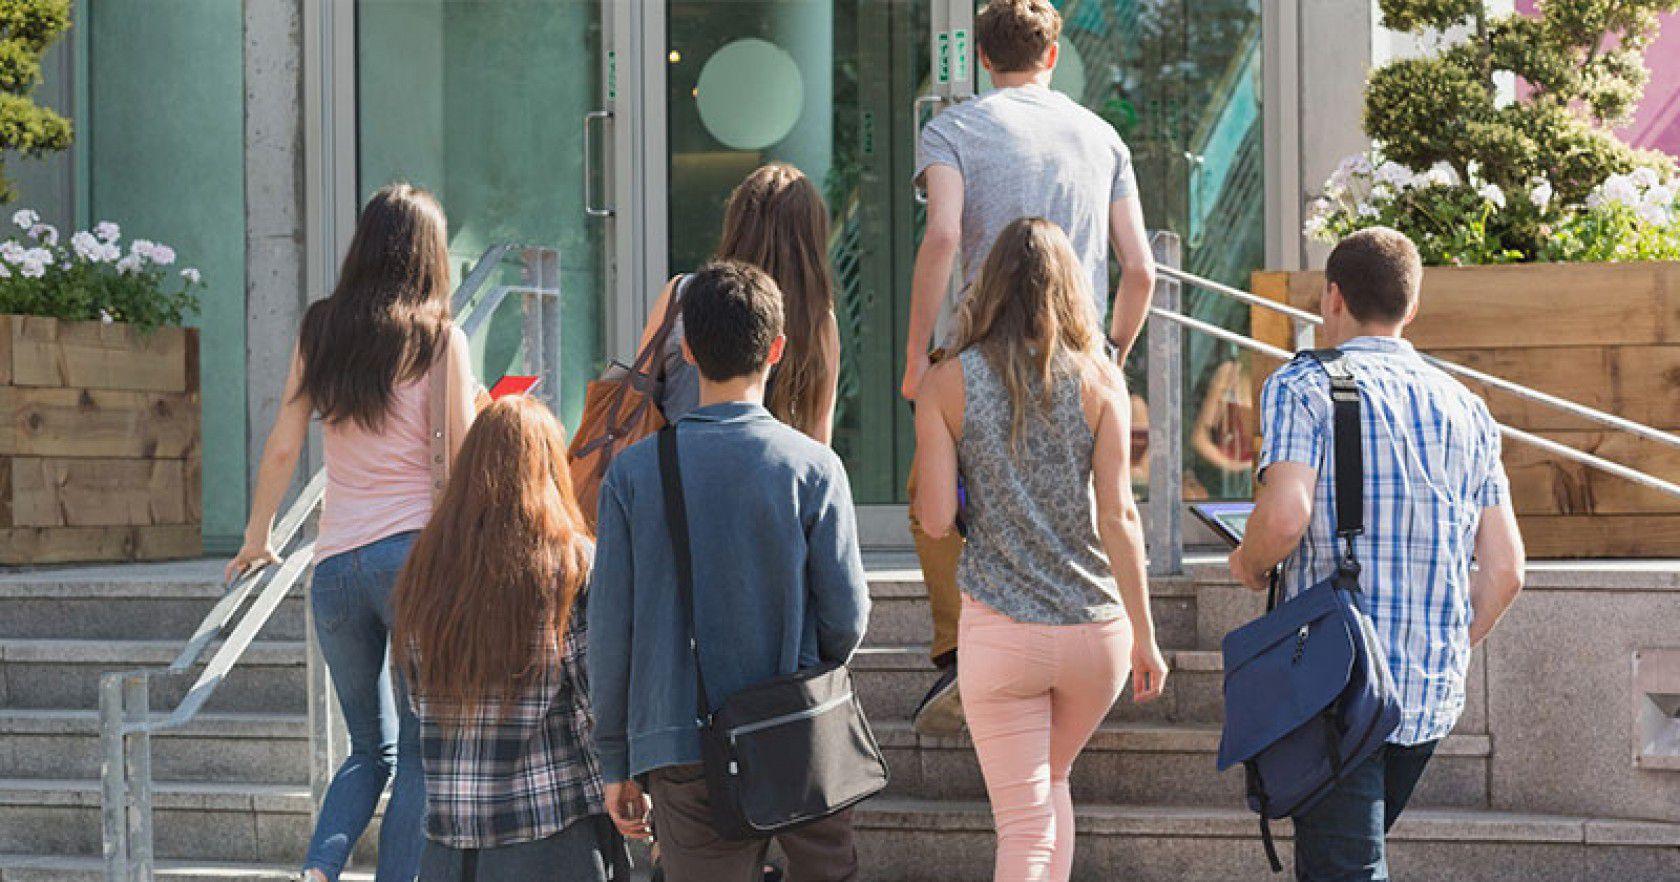 İngiltere Londra da özel yatılı lise eğitimi ve kampüs